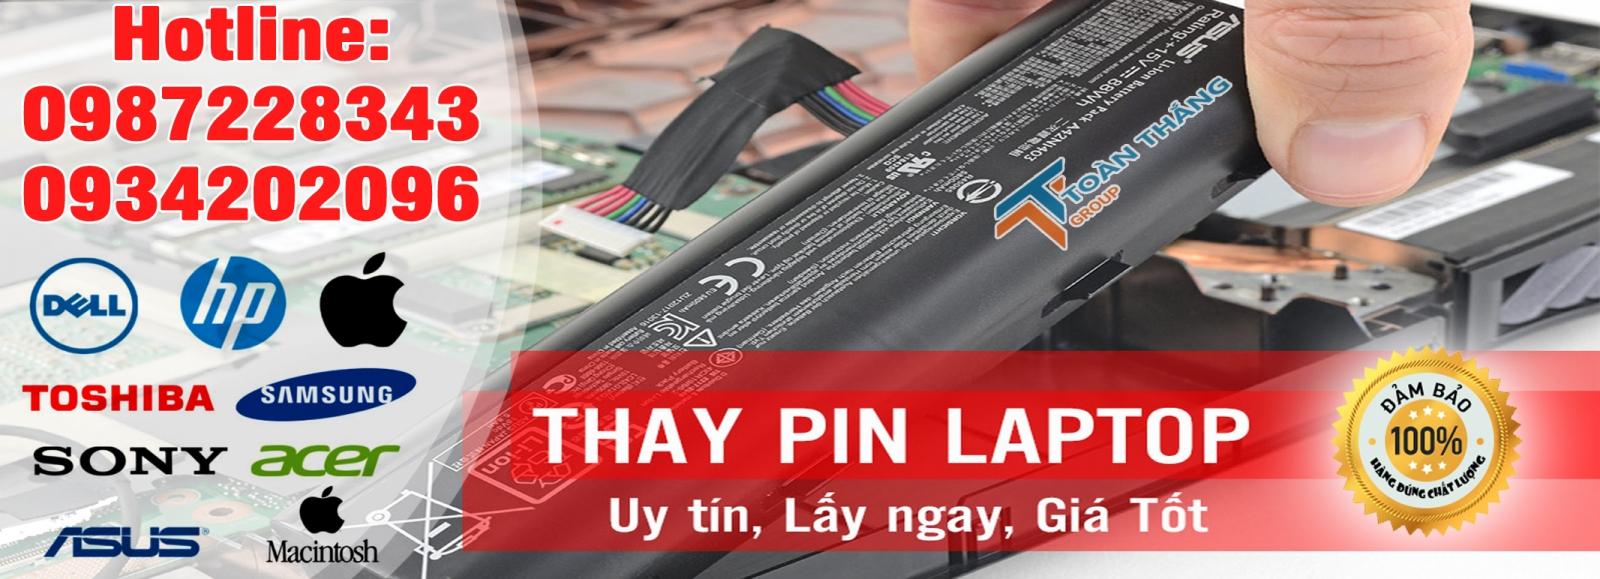 Công Ty Dịch Vụ Thay Pin Laptop Tận Nơi Quận Tân Phú Uy Tín Chính Hãng